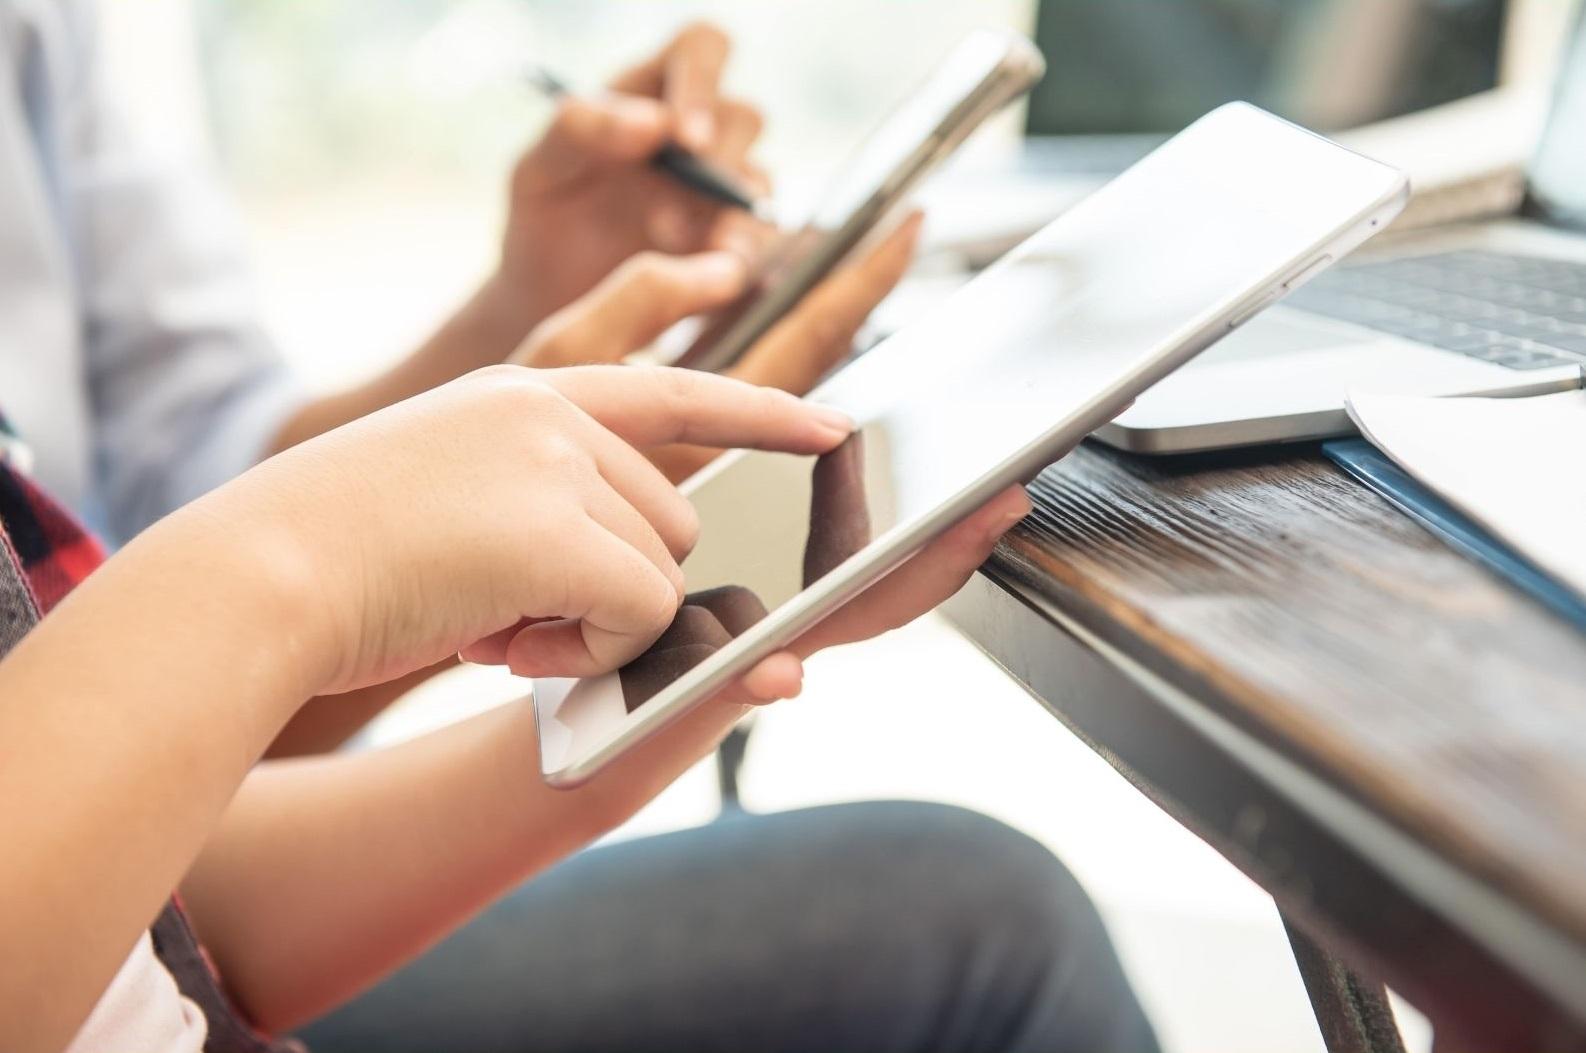 UNAF recomienda reforzar las competencias digitales en familia para un uso saludable de las tecnologías